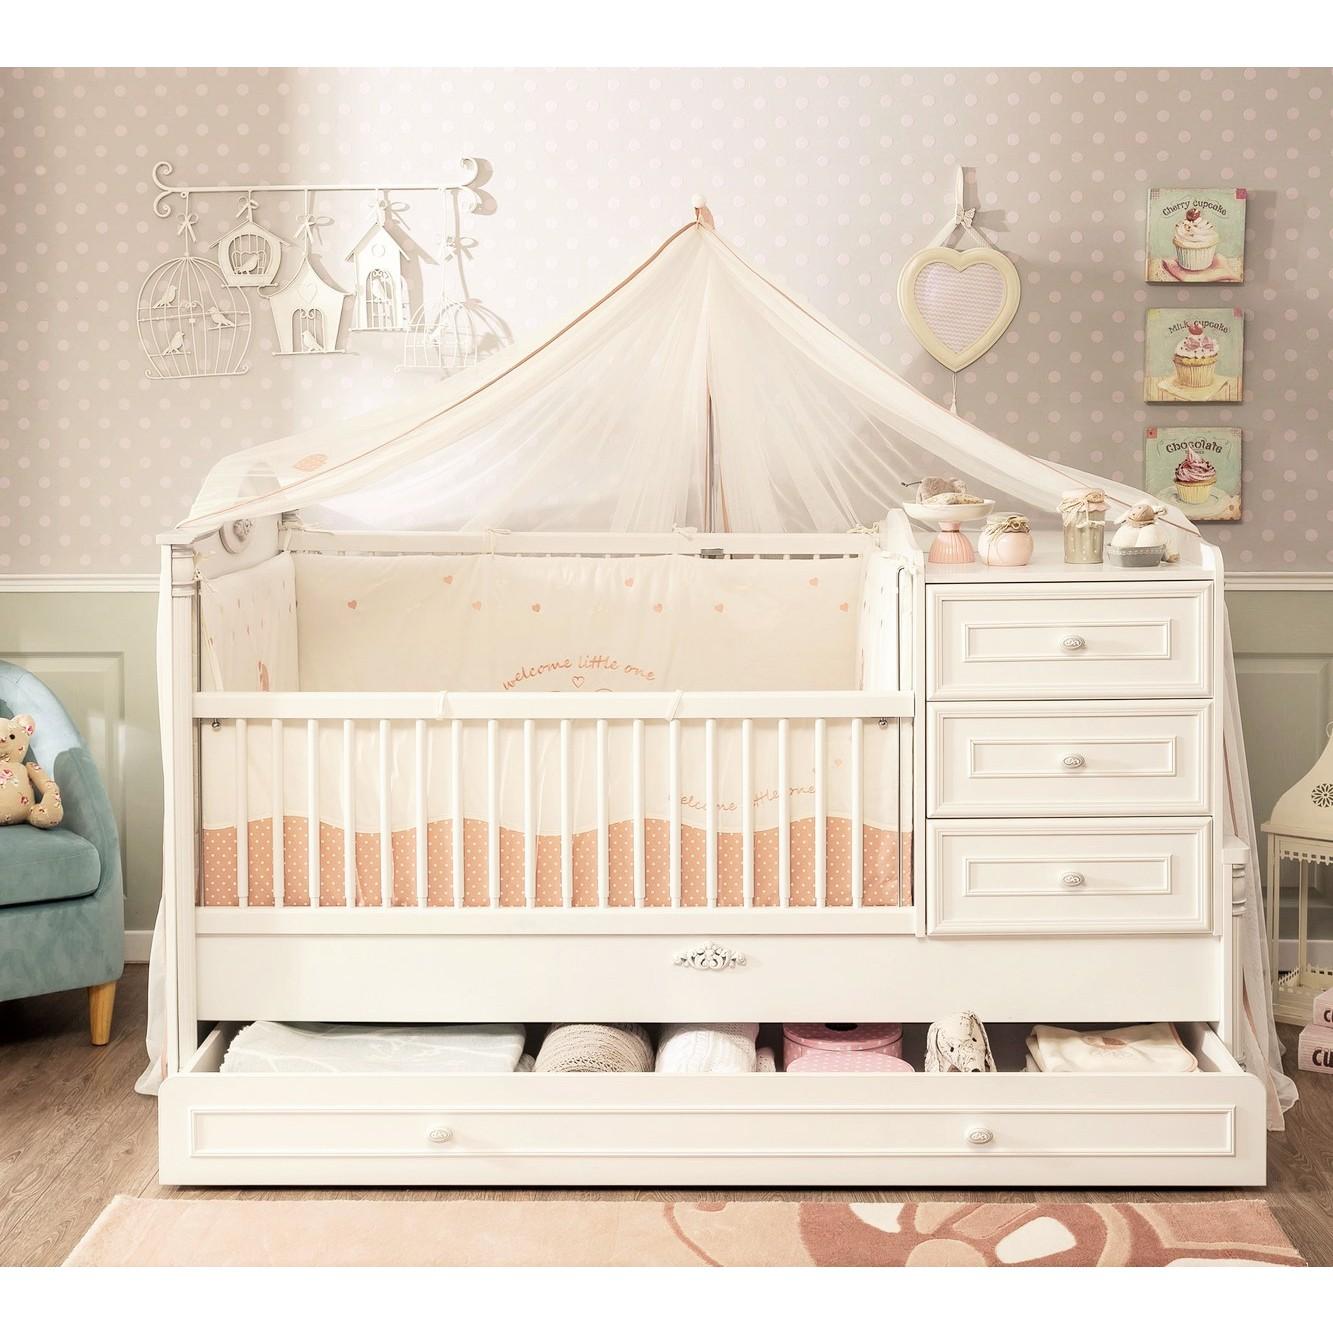 Babybed Aan Bed.Romantic Babybed Ledikant Meegroeibed 4 In 1 Kinderkamer